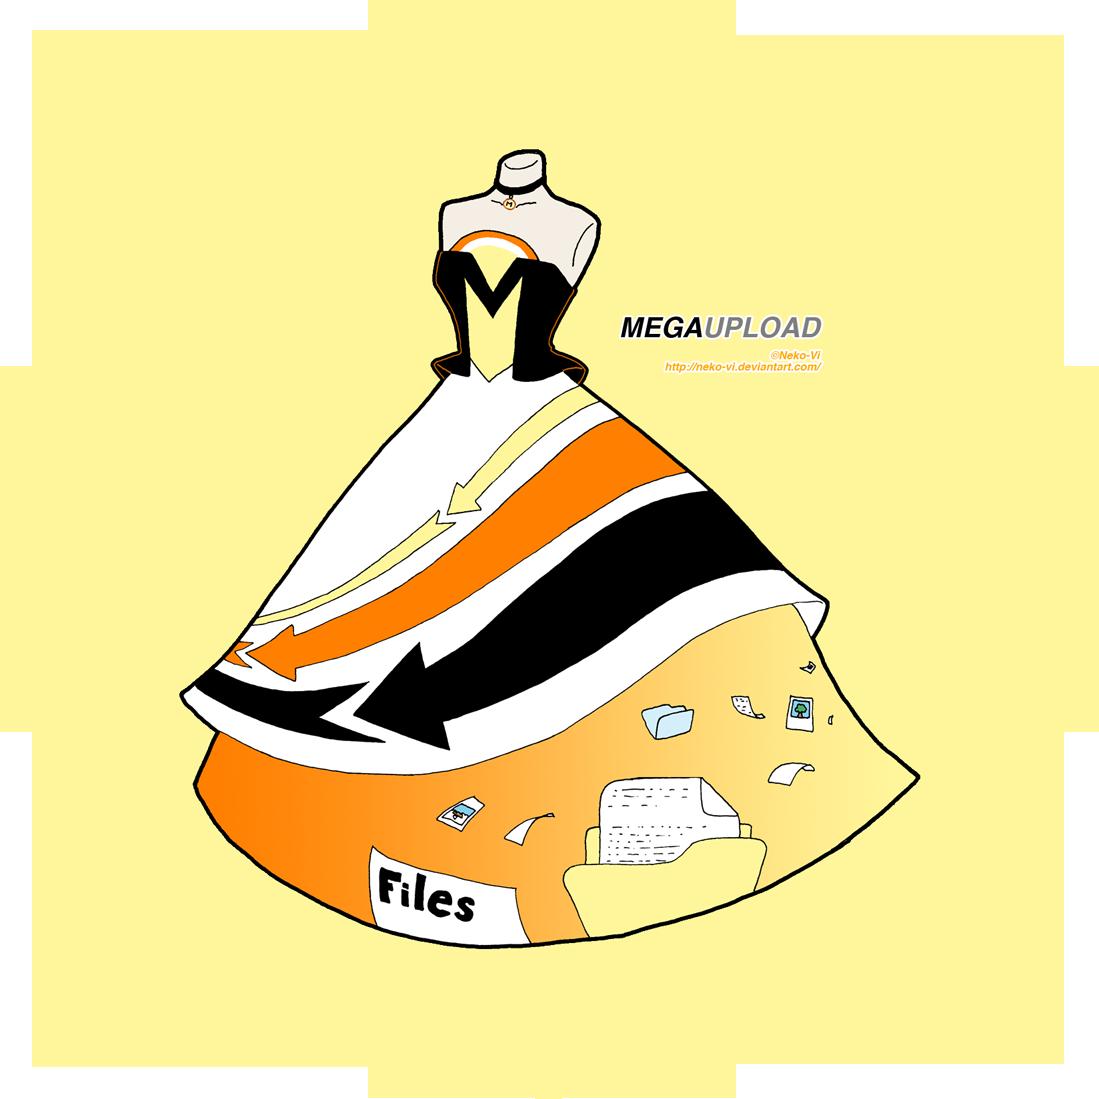 Megaupload in Fashion by Neko-Vi